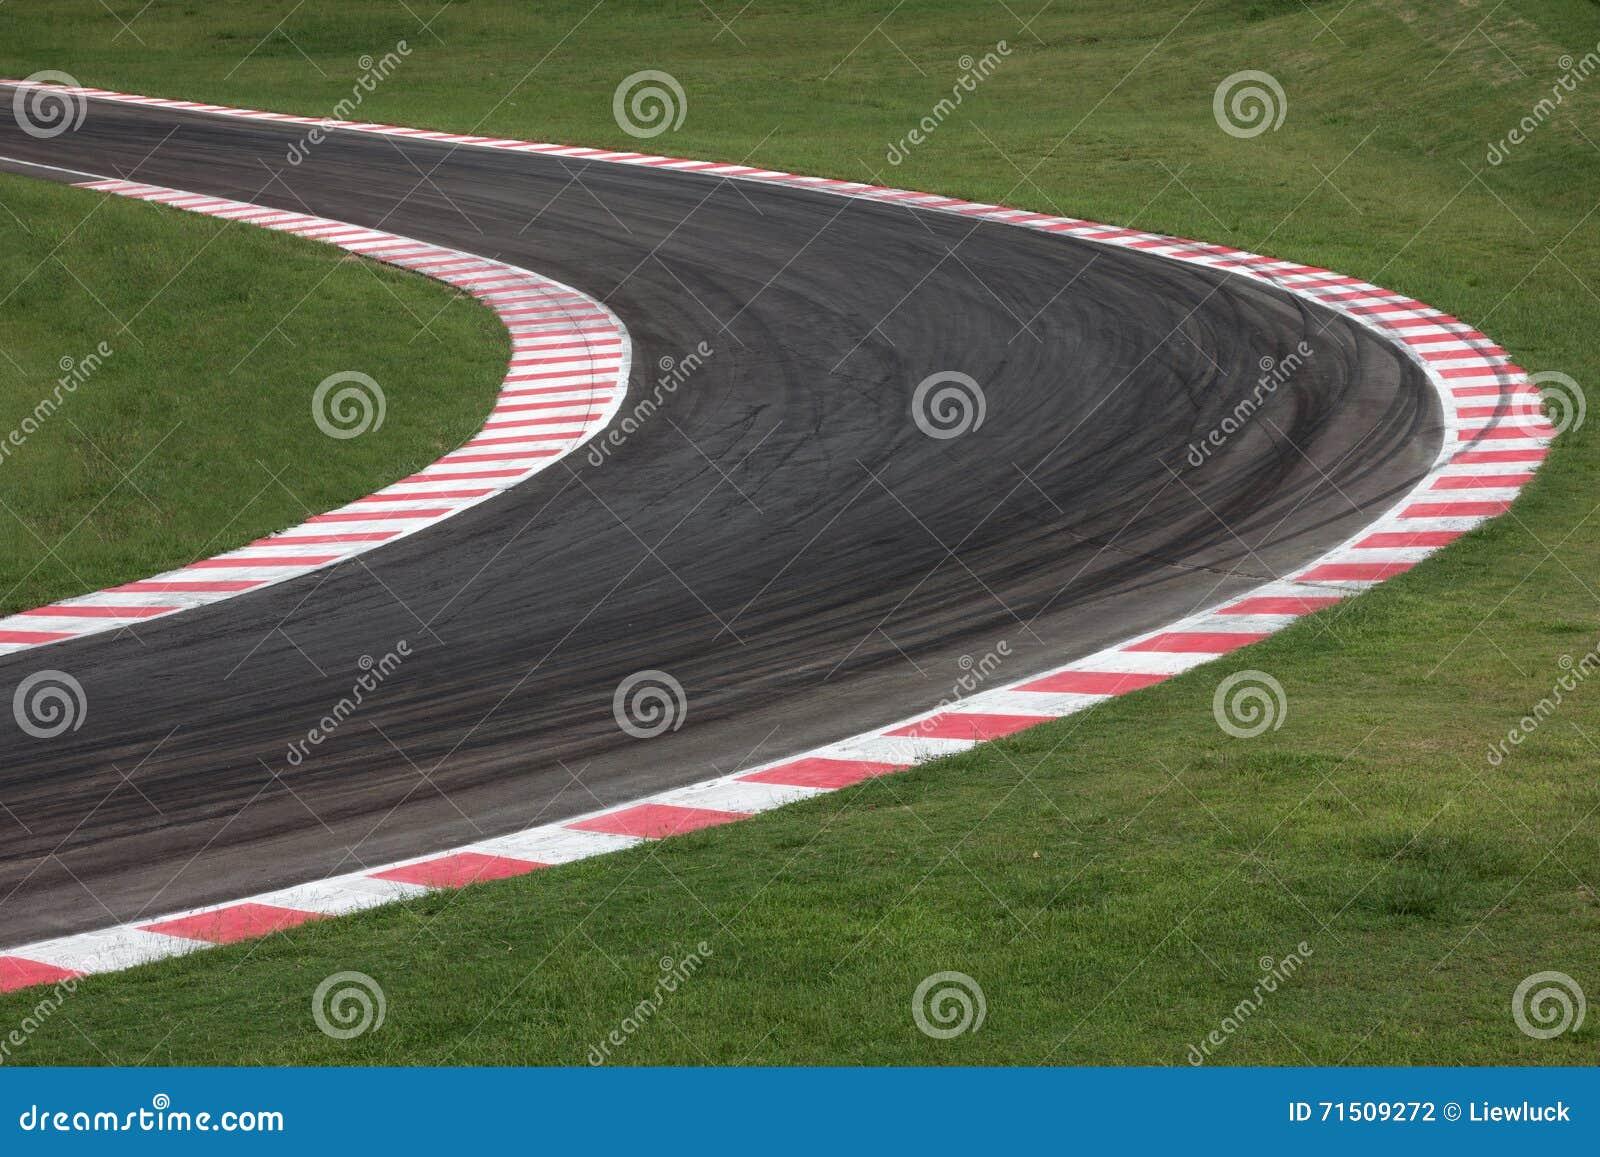 赛马跑道曲线路